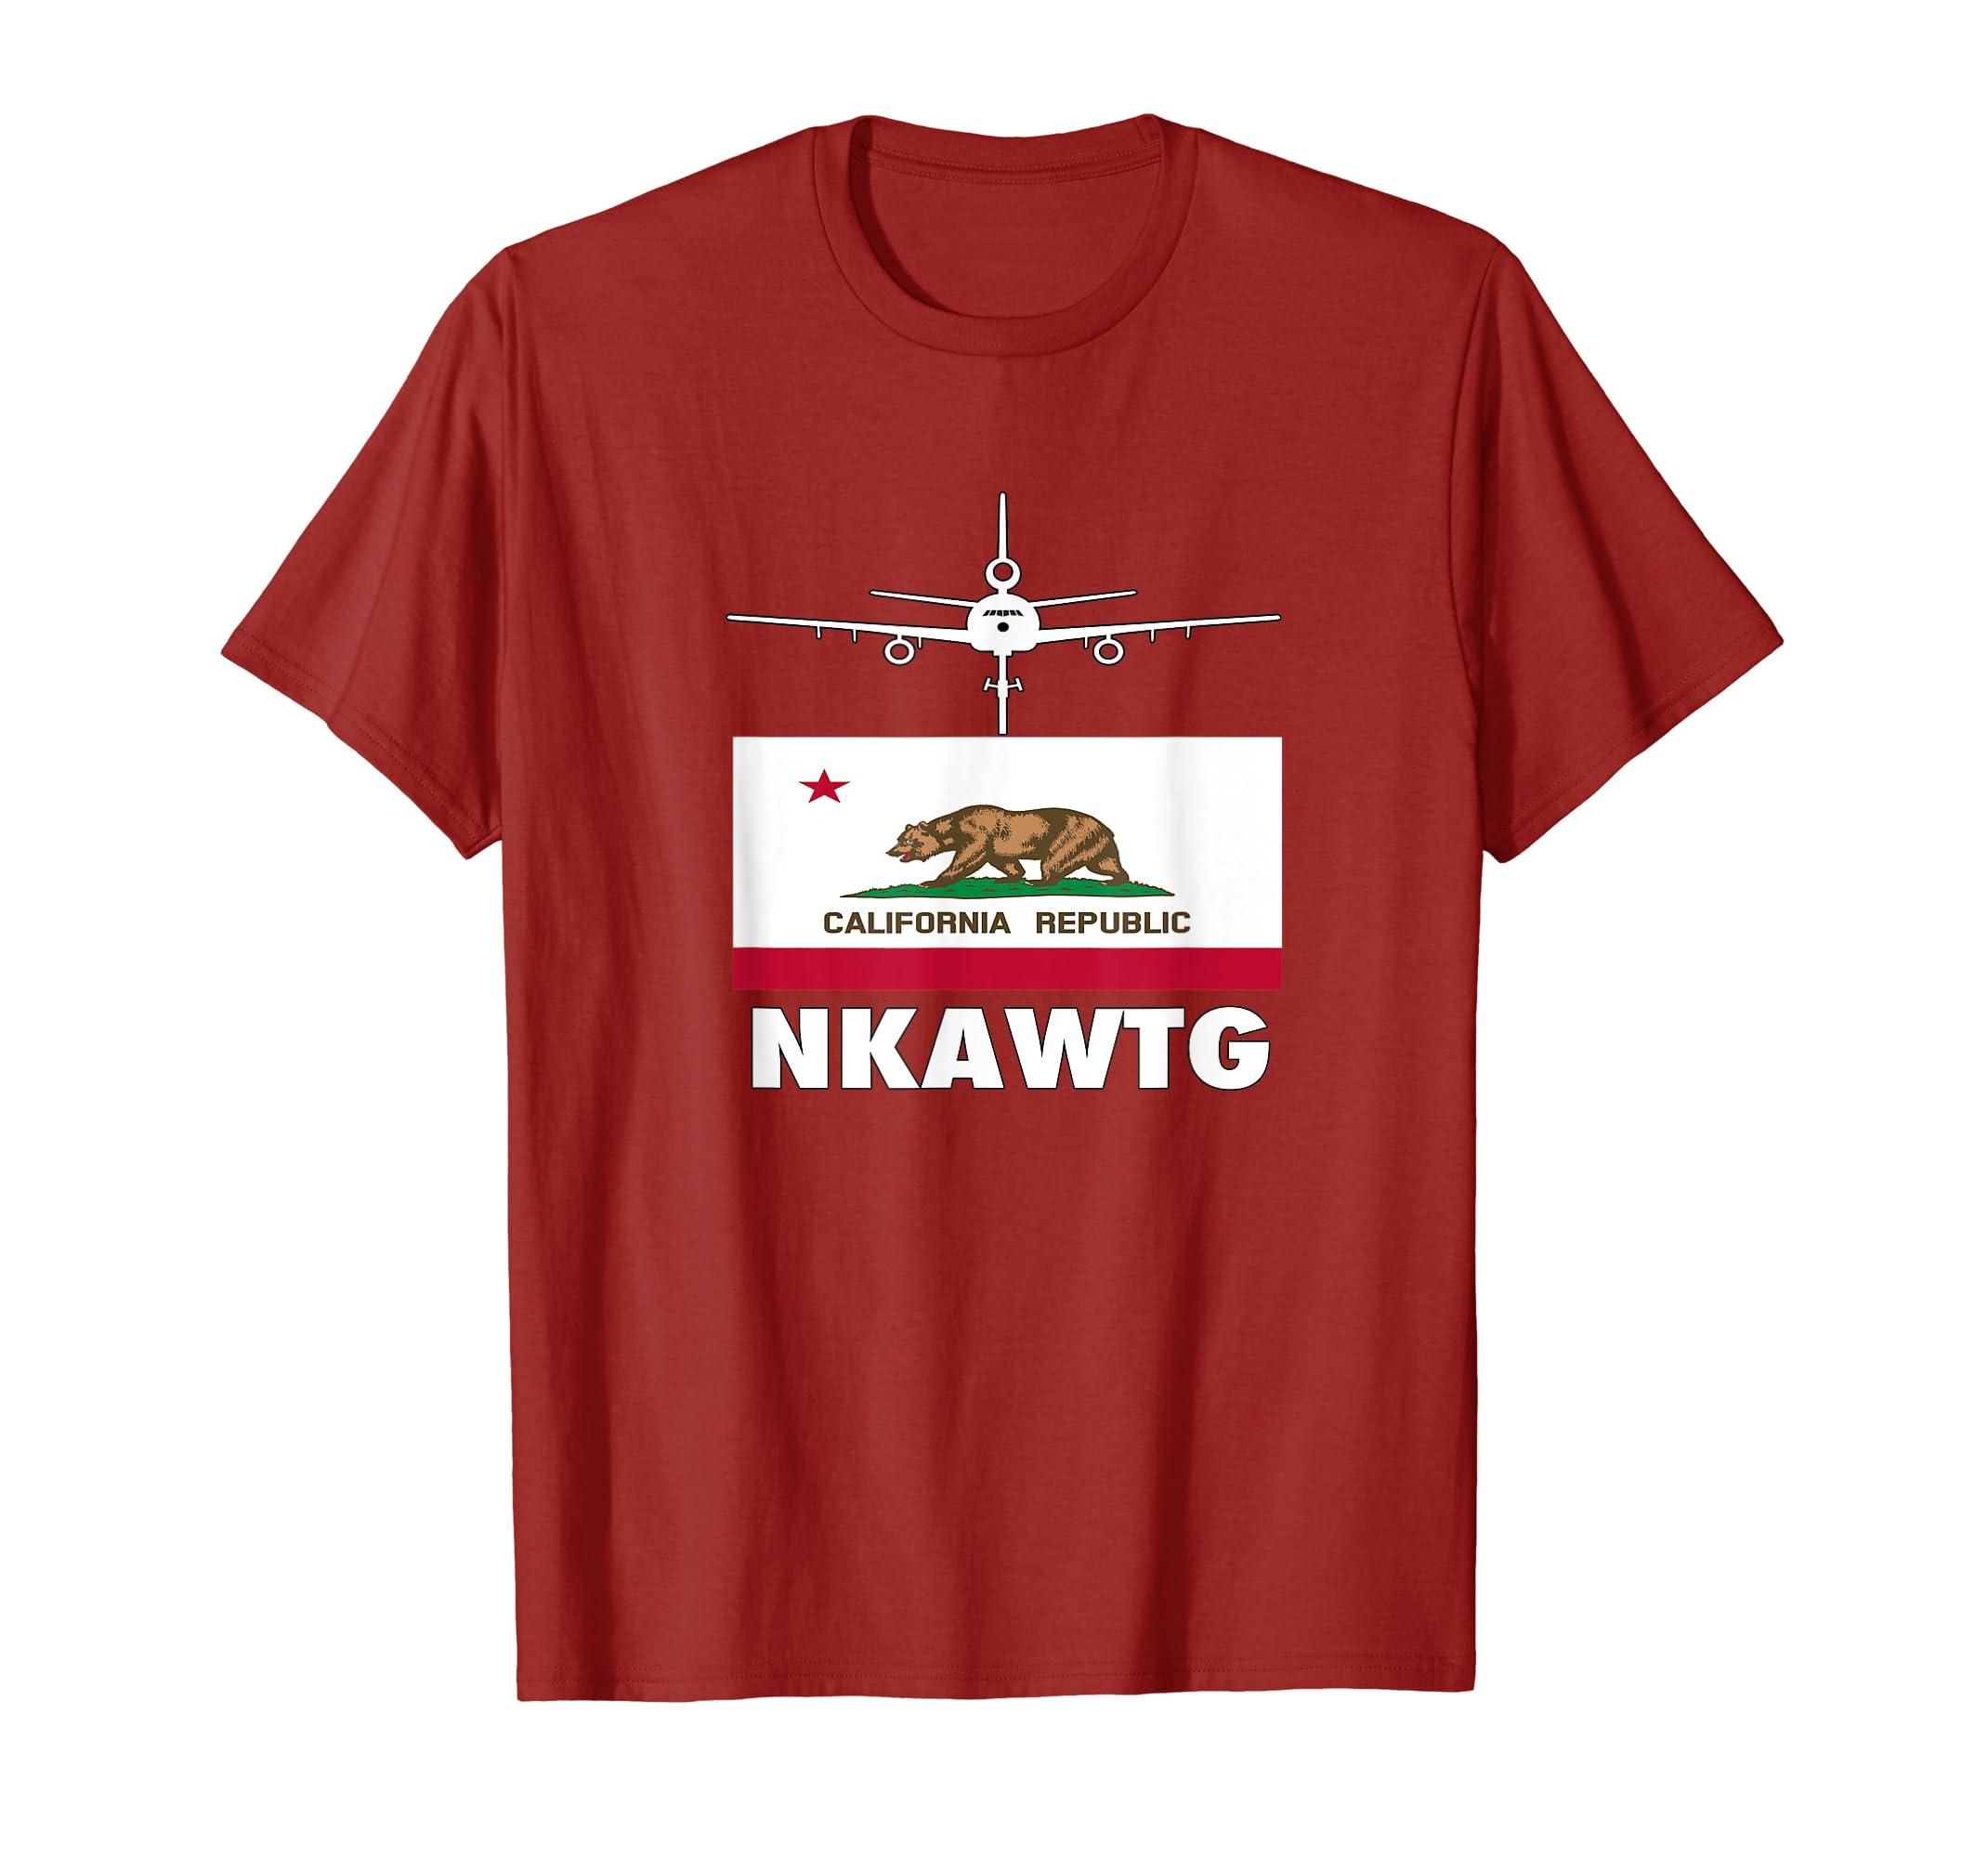 93e4a023 Amazon.com: KC 10 Extender Shirt: NKAWTG California Flag Shirt USAF ...